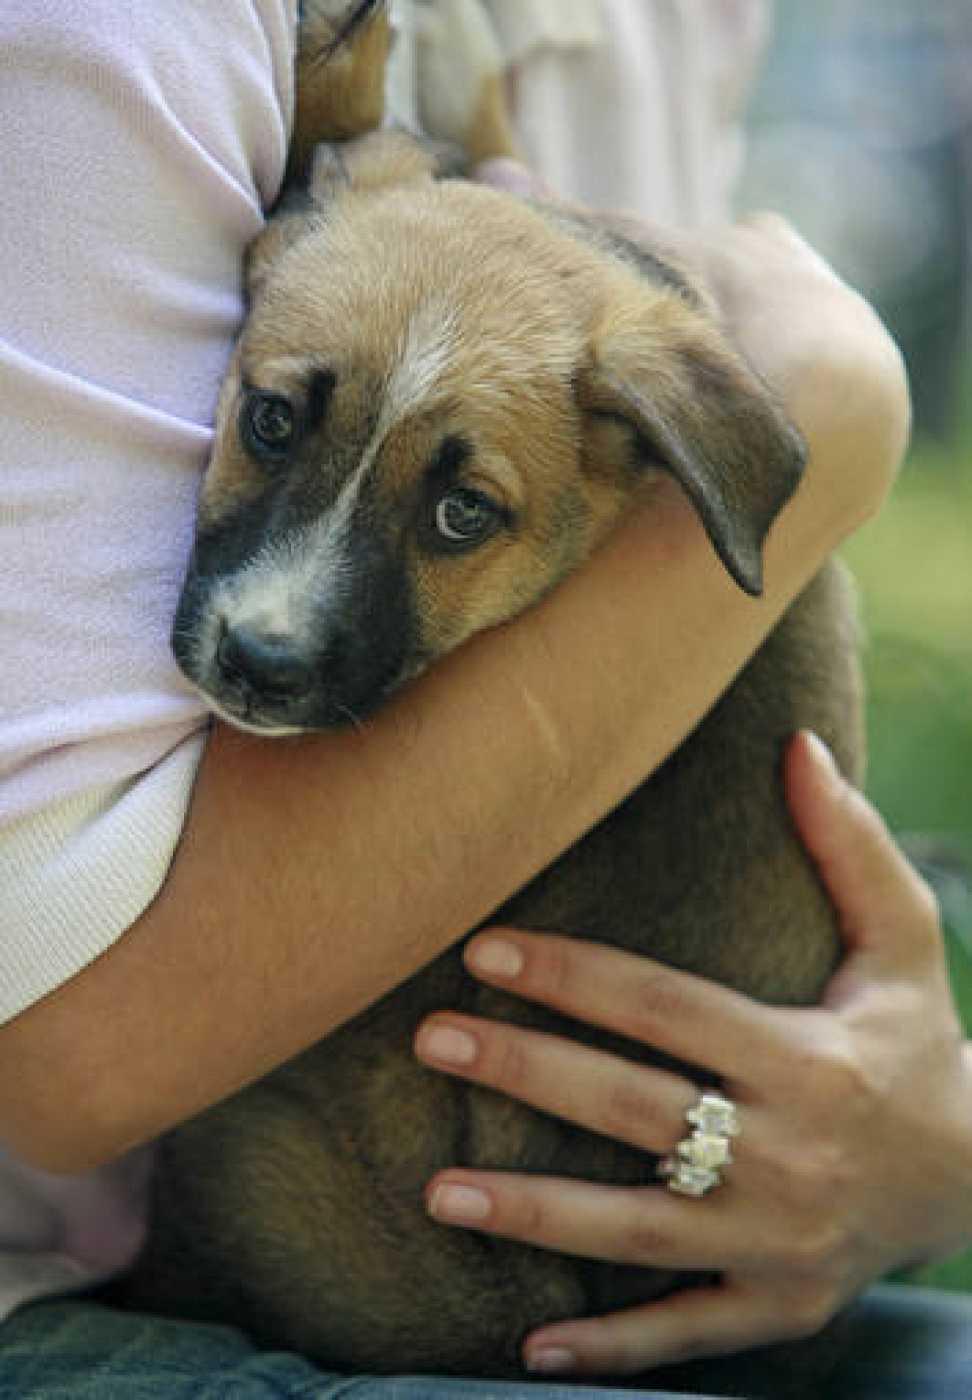 Un adolescente sujeta a un cachorro entre sus brazos